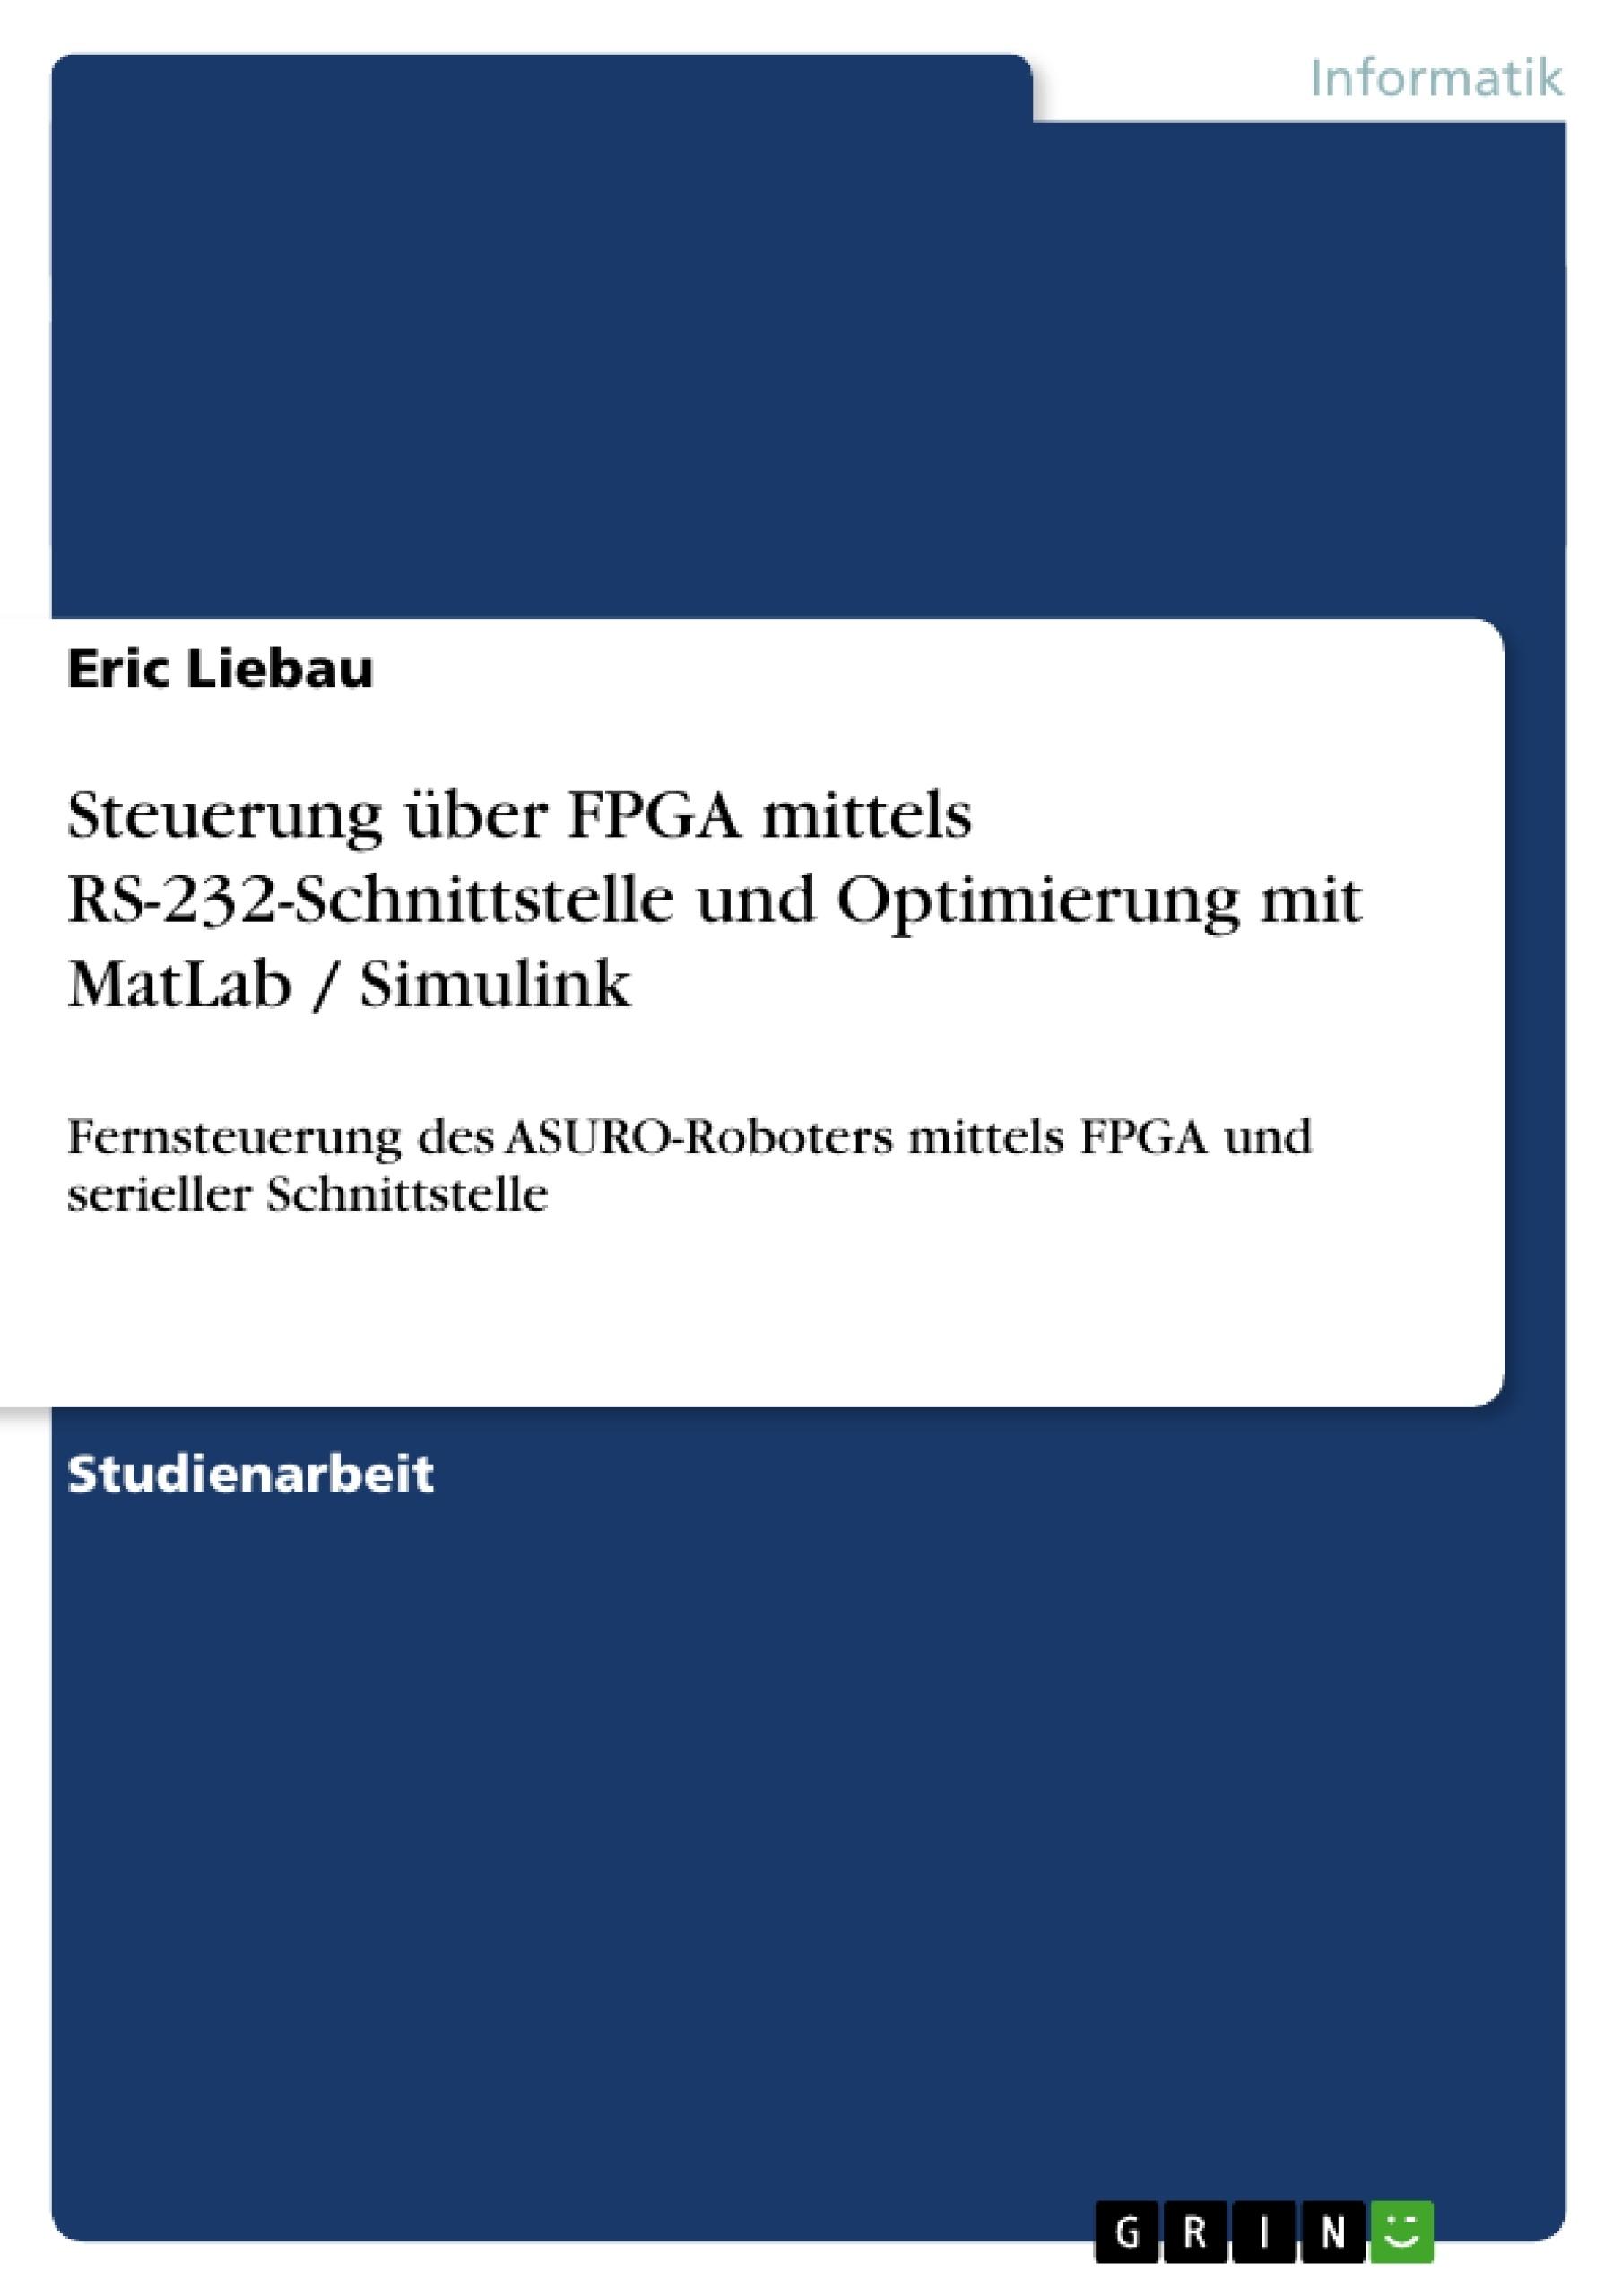 Titel: Steuerung über FPGA mittels RS-232-Schnittstelle und Optimierung mit MatLab / Simulink